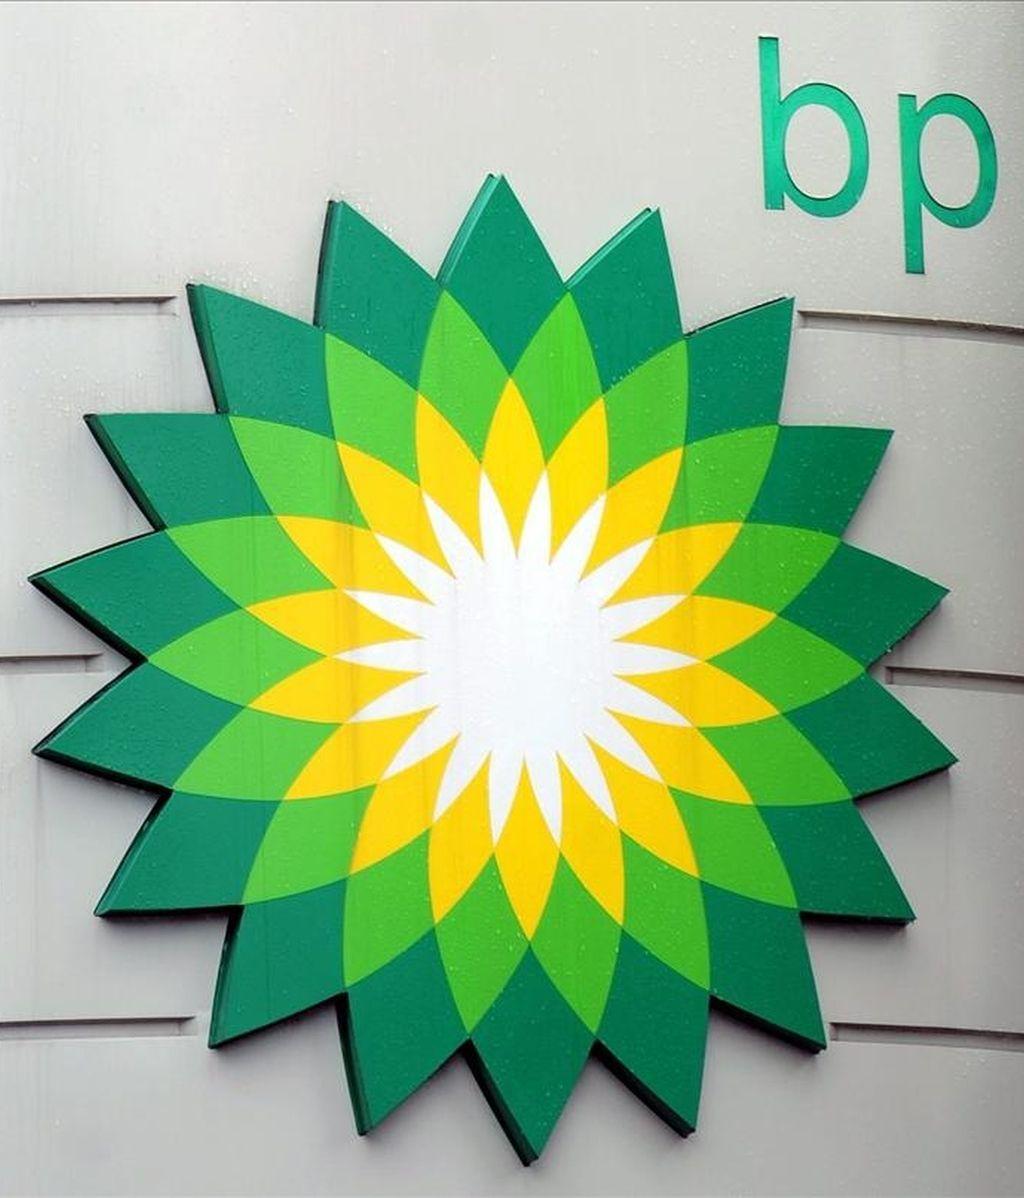 La petrolera británica BP se dispone a anunciar un importante acuerdo con la petrolera estatal rusa Rosneft, según informó hoy la BBC. EFE/Archivo